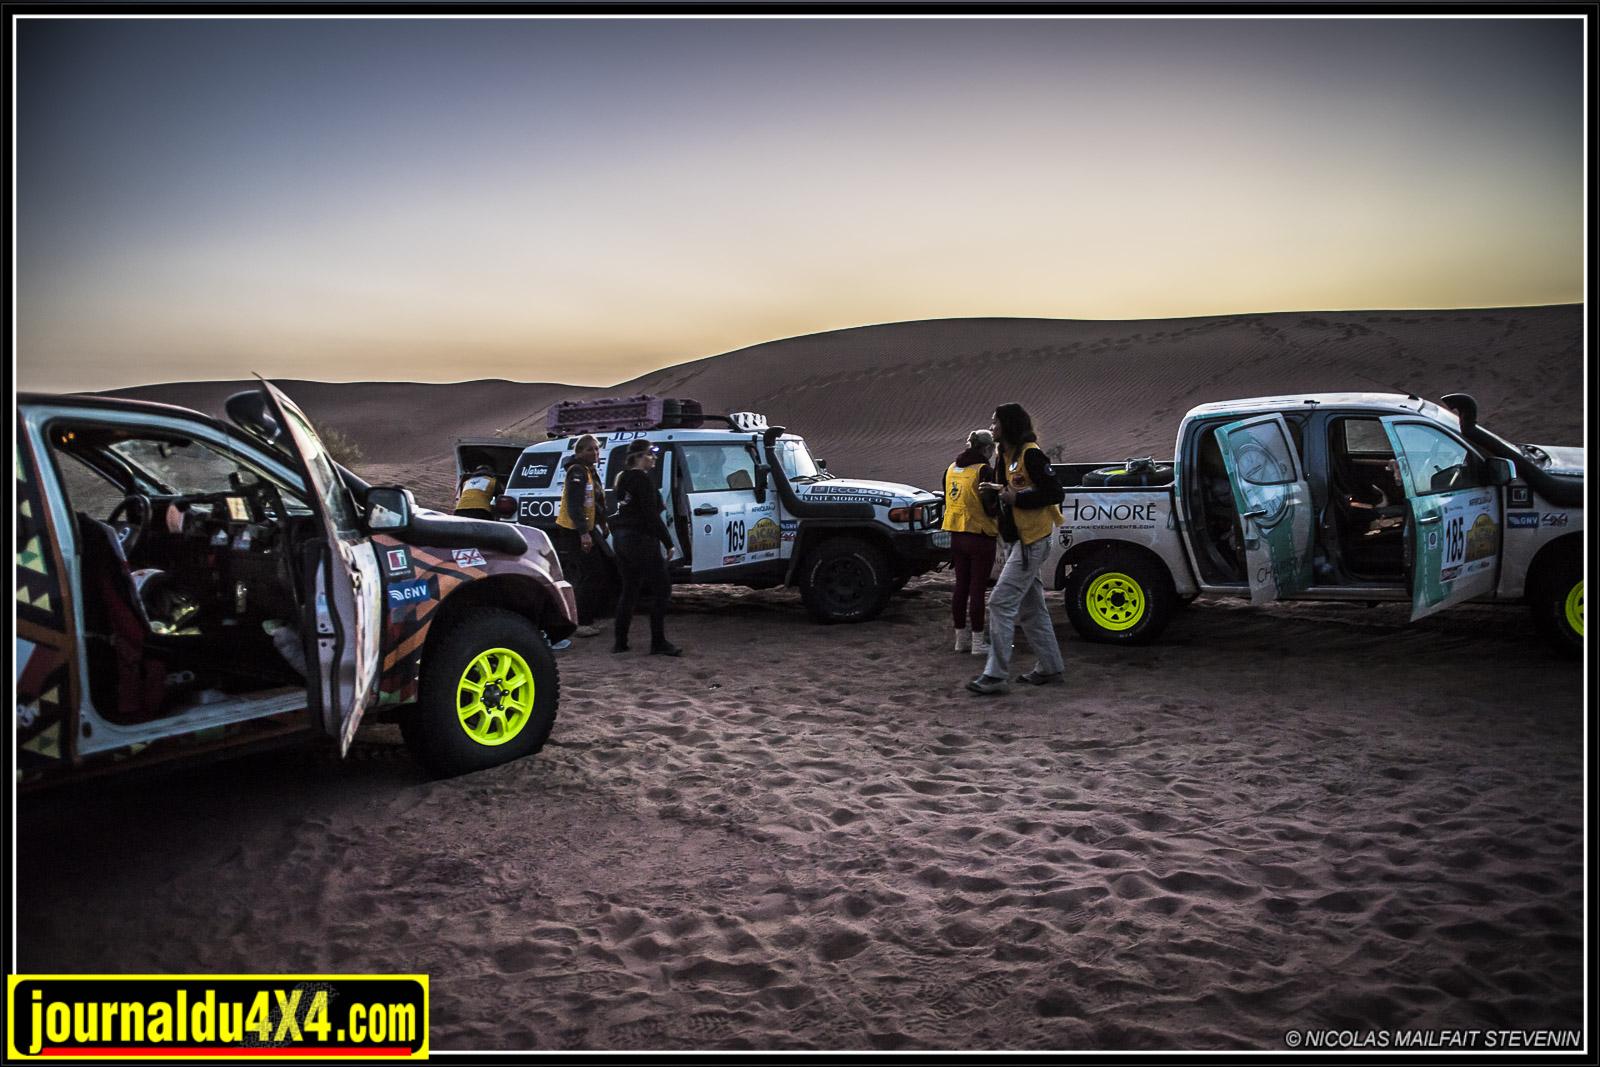 rallye-aicha-gazelles-maroc-2017-7391.jpg